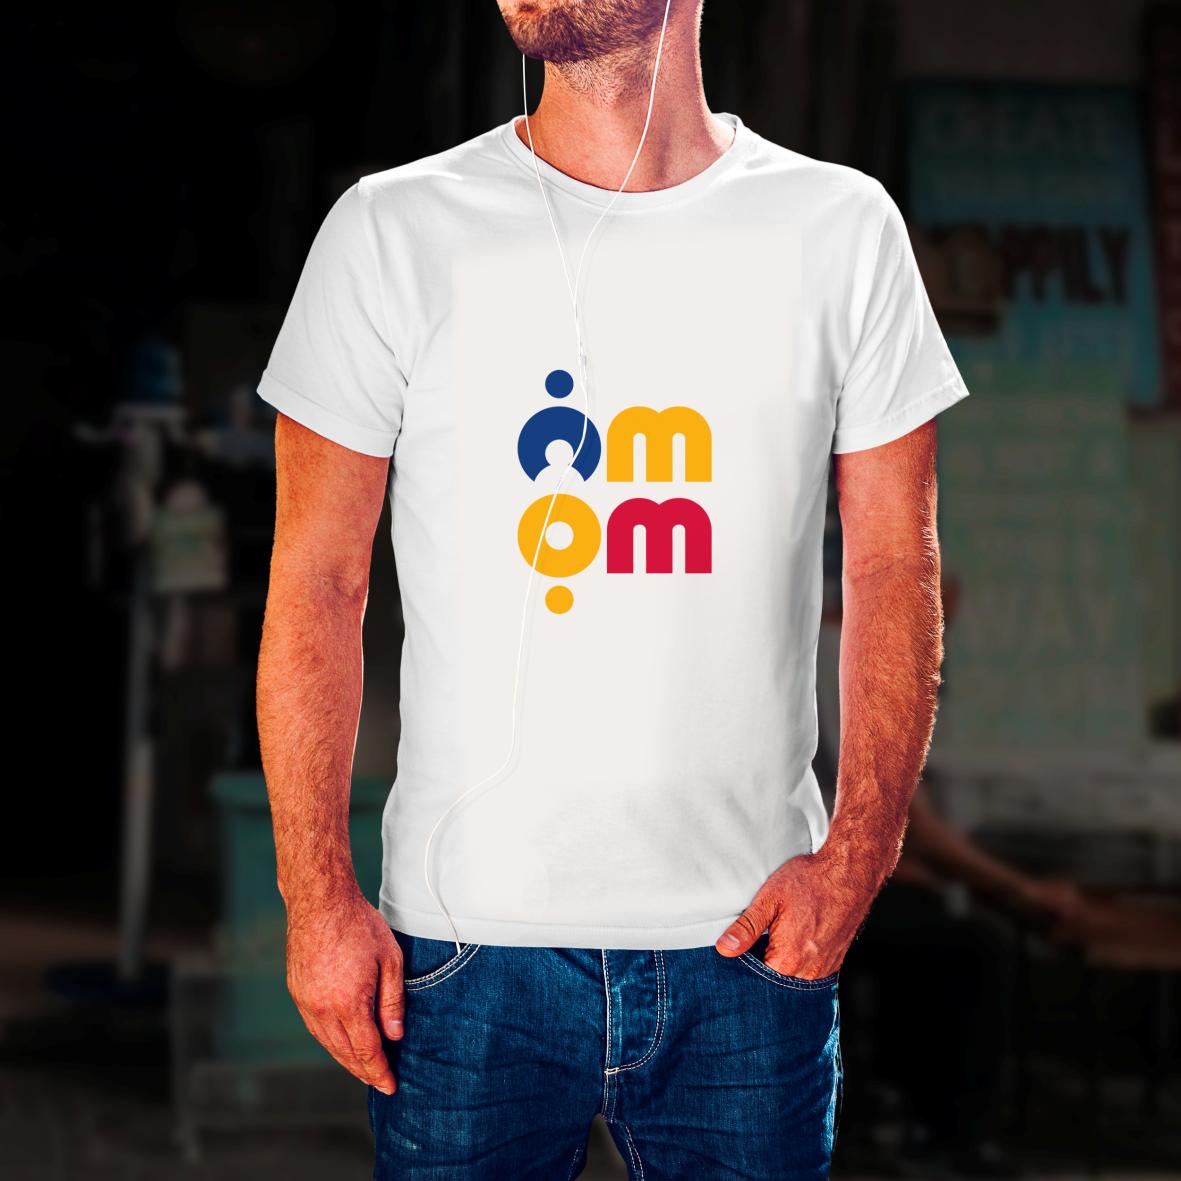 Разработка логотипа для краудфандинговой платформы om2om.md фото f_7155f5f0186727ff.png